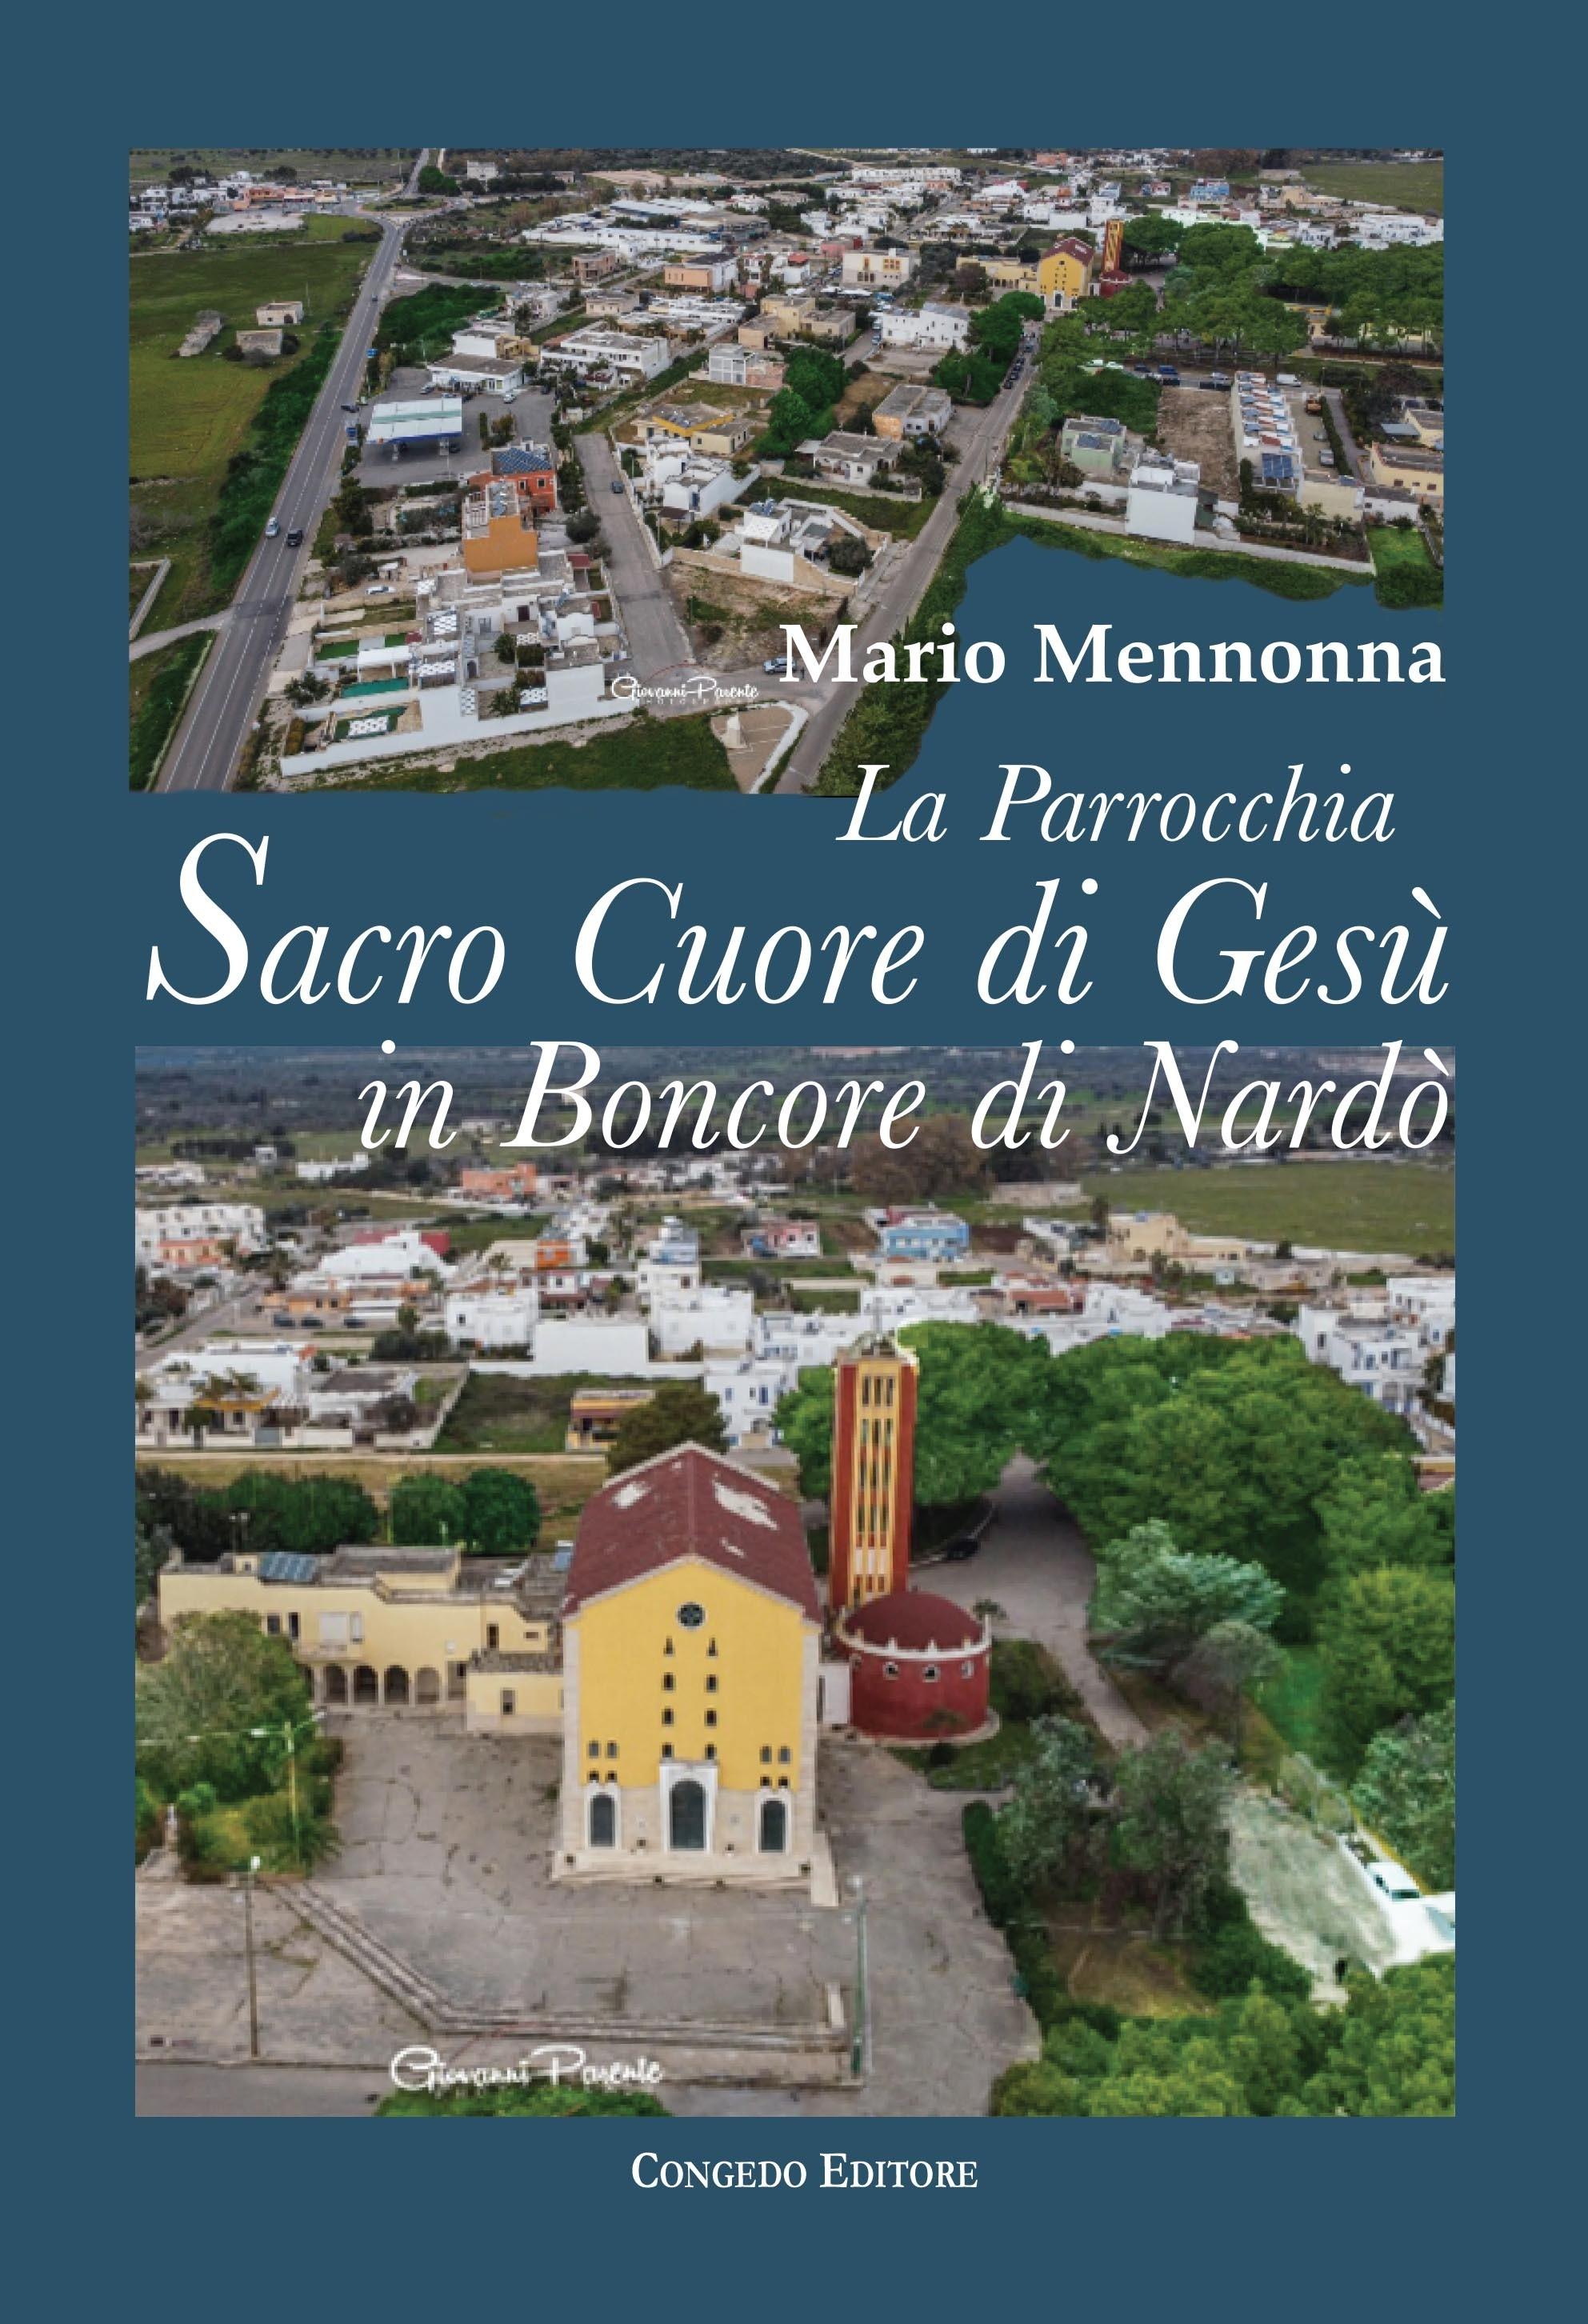 La parrocchia Sacro Cuore di Gesù in Boncore di Nardò. Tra zelo pastorale, impegno socio-culturale e arte pittorica (1959-2010)